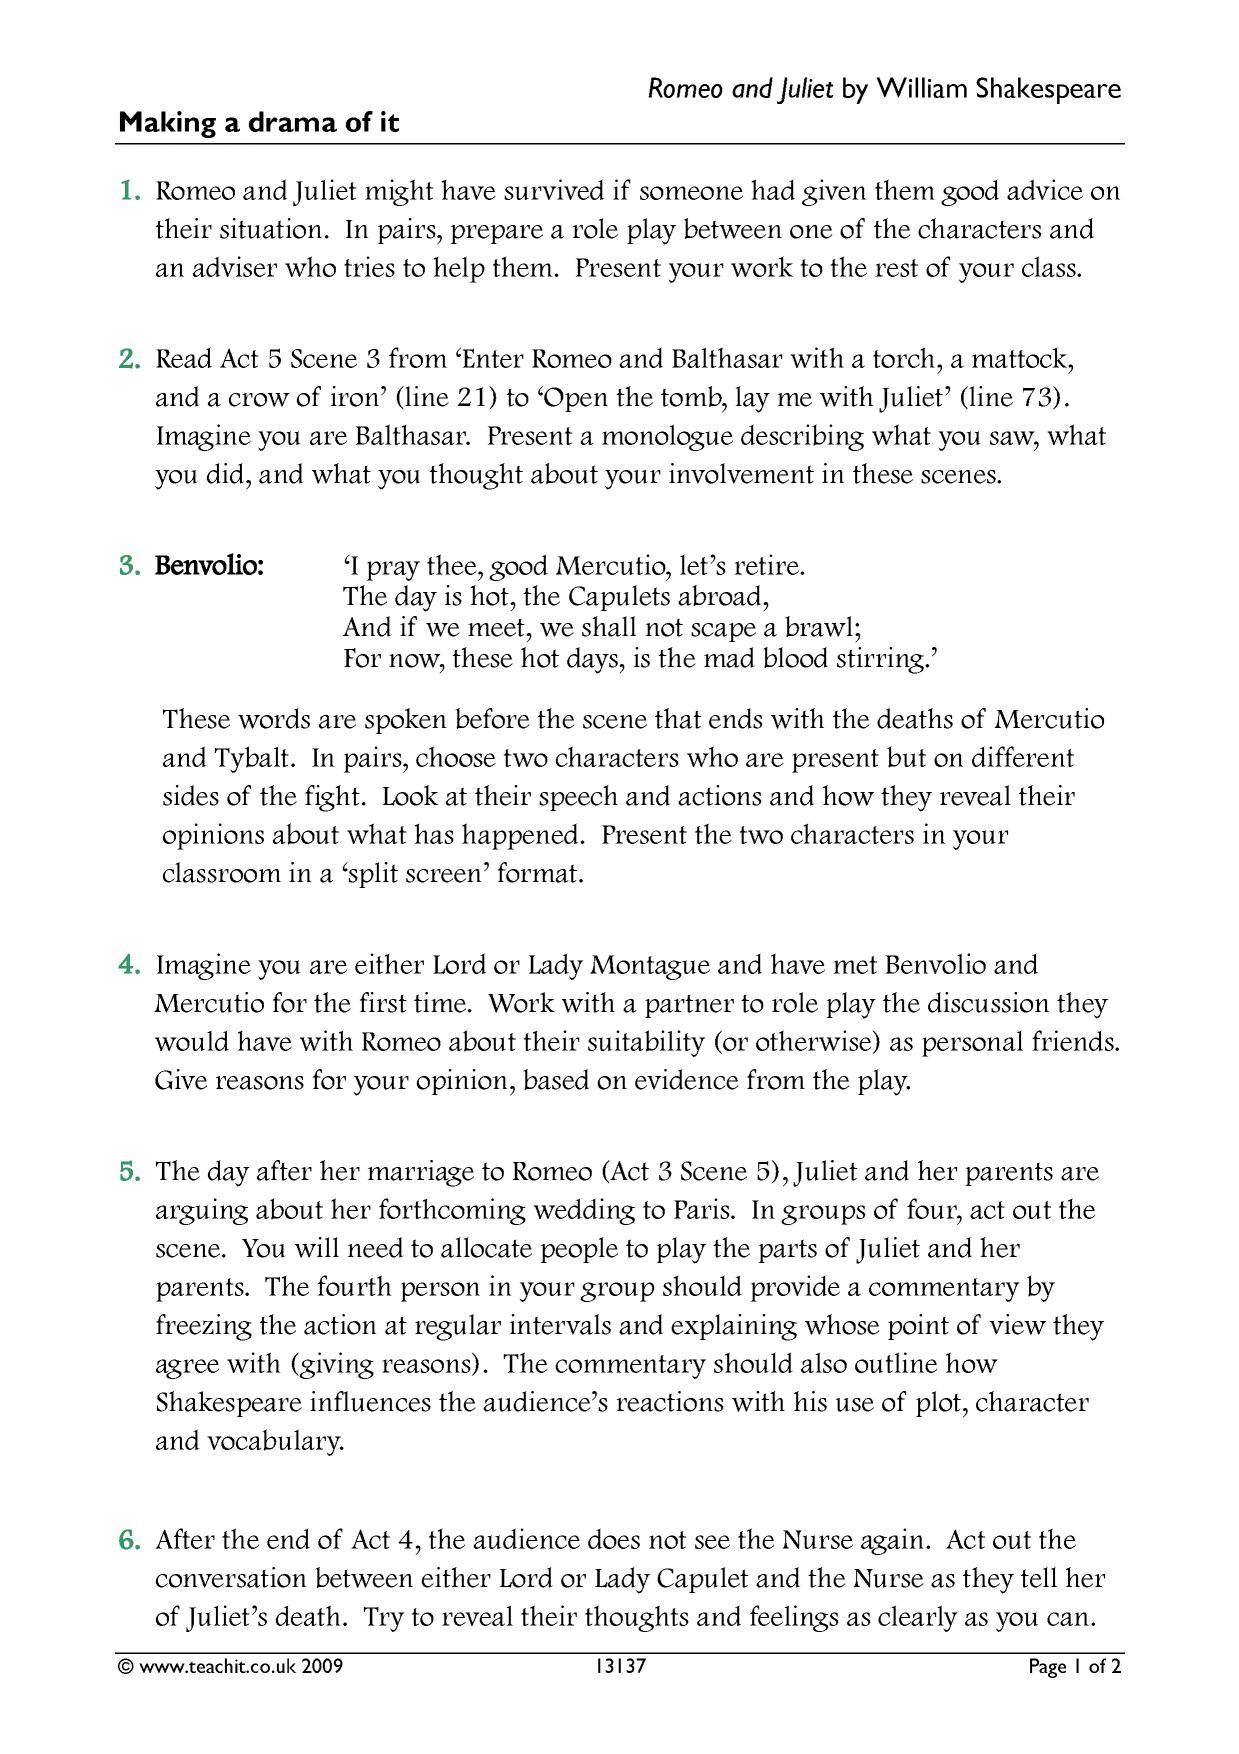 Reformation church essay